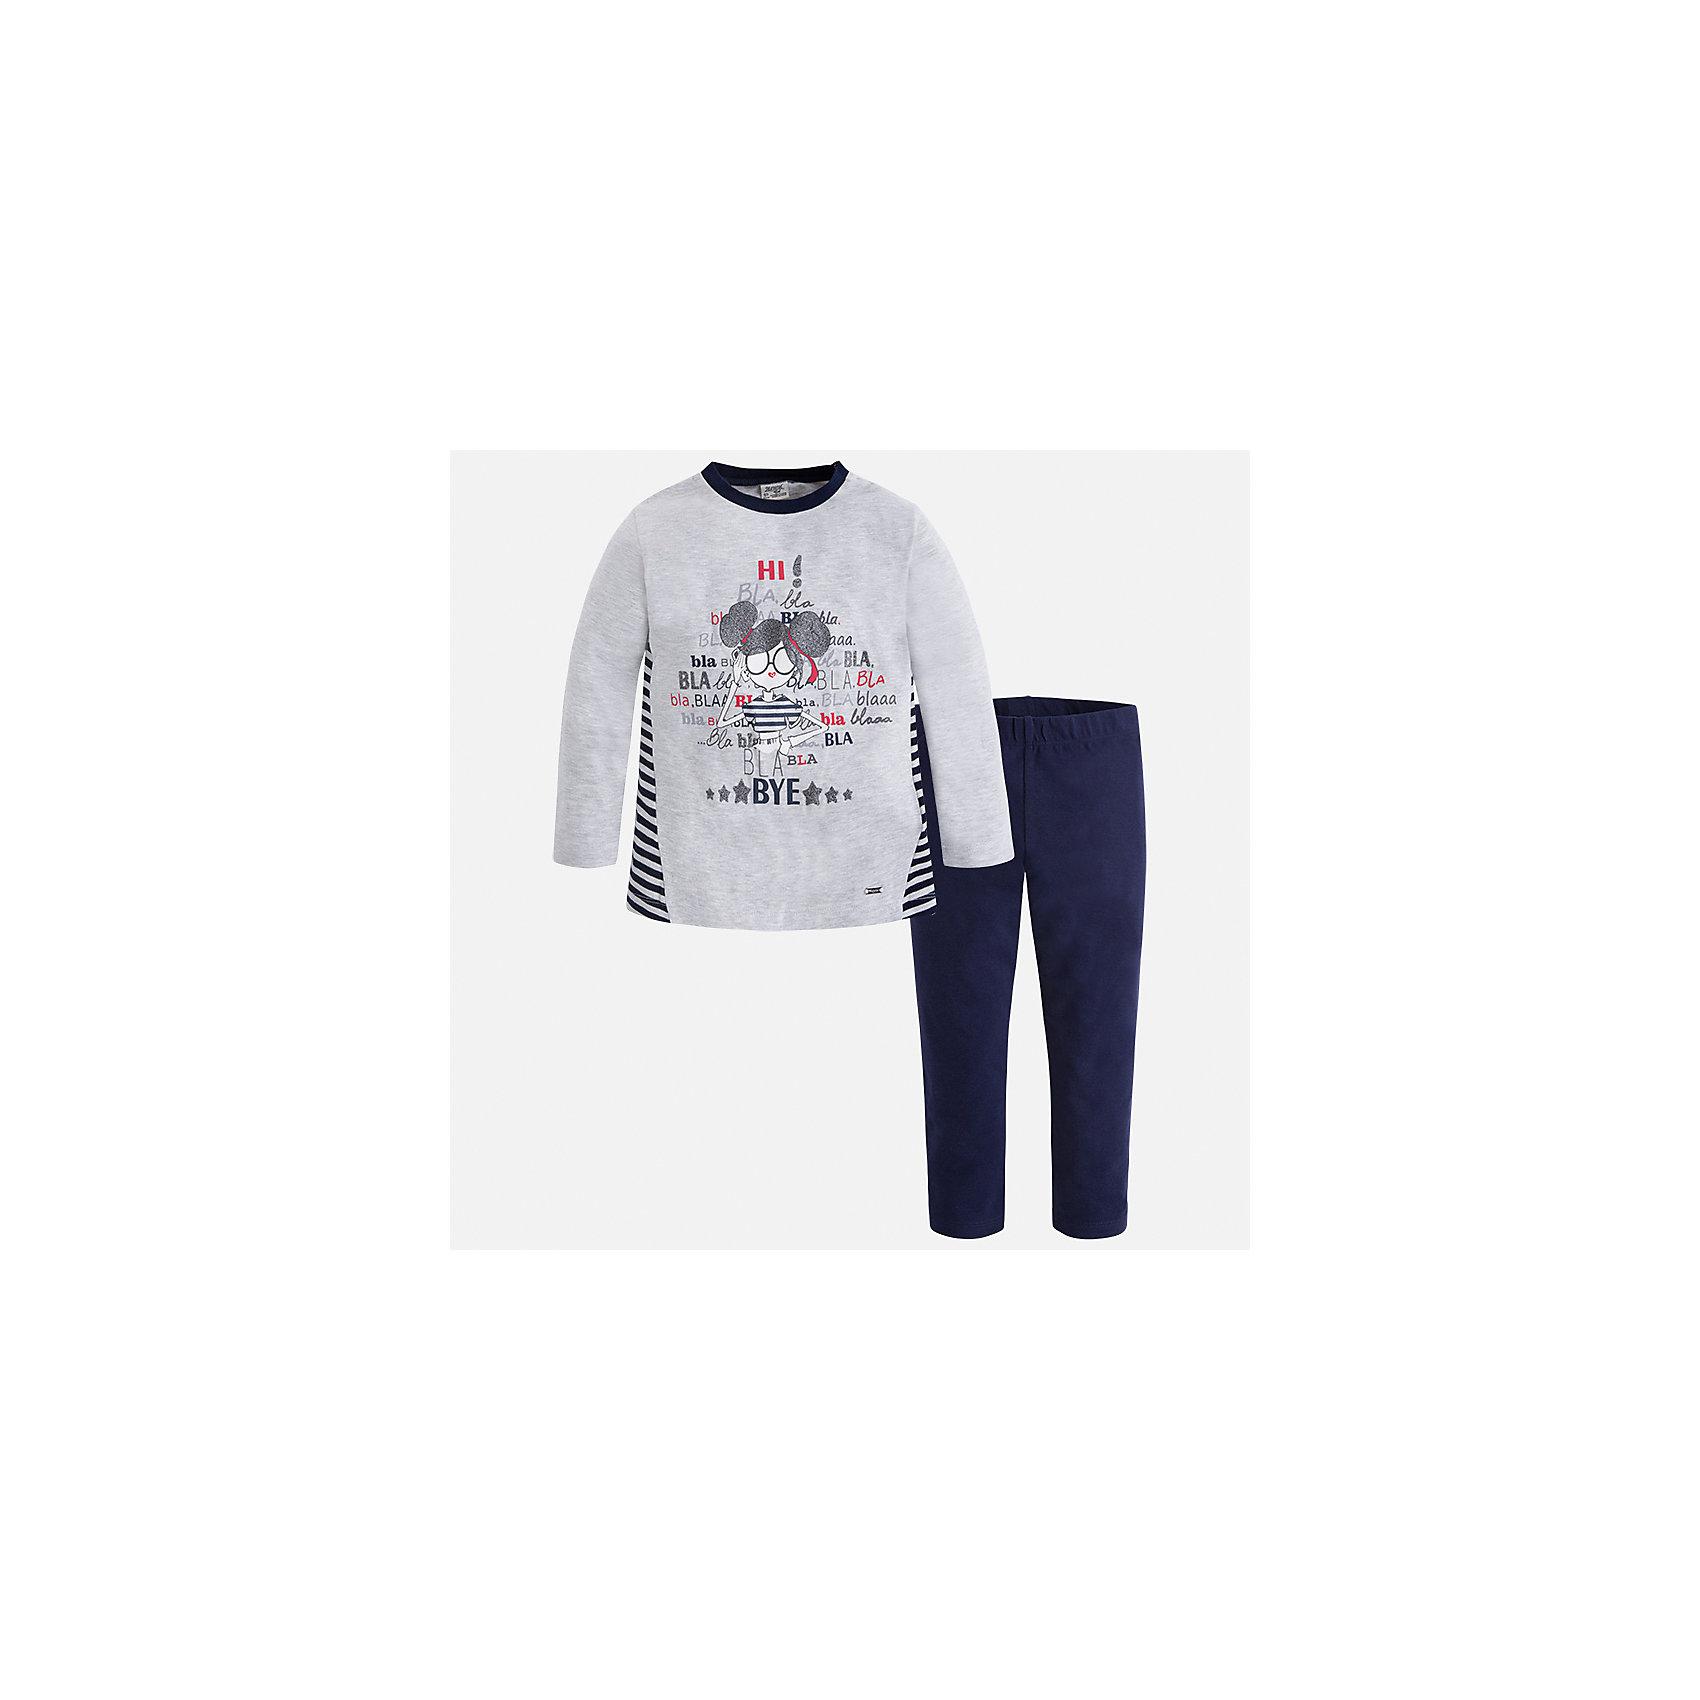 Комплект: футболка с длинным рукавом и леггинсы Mayoral для девочкиКомплекты<br>Характеристики товара:<br><br>• цвет: синий<br>• комплектация: футболка с длинным рукавом и леггинсы<br>• состав ткани леггинсов: 92% хлопок, 8% эластан<br>• состав ткани футболки с длинным рукавом: 60% хлопок, 32% полиэстер, 8% эластан<br>• длинные рукава<br>• пояс: резинка<br>• сезон: круглый год<br>• страна бренда: Испания<br>• страна изготовитель: Индия<br><br>Удобная детская футболка с длинным рукавом из этого комплекта украшена модным принтом. Модный детский комплект от известного бренда Майорал состоит из трикотажной футболки с длинным рукавом и эластичных леггинсов. <br><br>В одежде от испанской компании Майорал ребенок будет выглядеть модно, а чувствовать себя - комфортно. Целая команда европейских талантливых дизайнеров работает над созданием стильных и оригинальных моделей одежды.<br><br>Комплект: футболка с длинным рукавом для девочки Mayoral (Майорал) можно купить в нашем интернет-магазине.<br><br>Ширина мм: 123<br>Глубина мм: 10<br>Высота мм: 149<br>Вес г: 209<br>Цвет: синий<br>Возраст от месяцев: 96<br>Возраст до месяцев: 108<br>Пол: Женский<br>Возраст: Детский<br>Размер: 134,92,98,104,110,116,122,128<br>SKU: 6922846